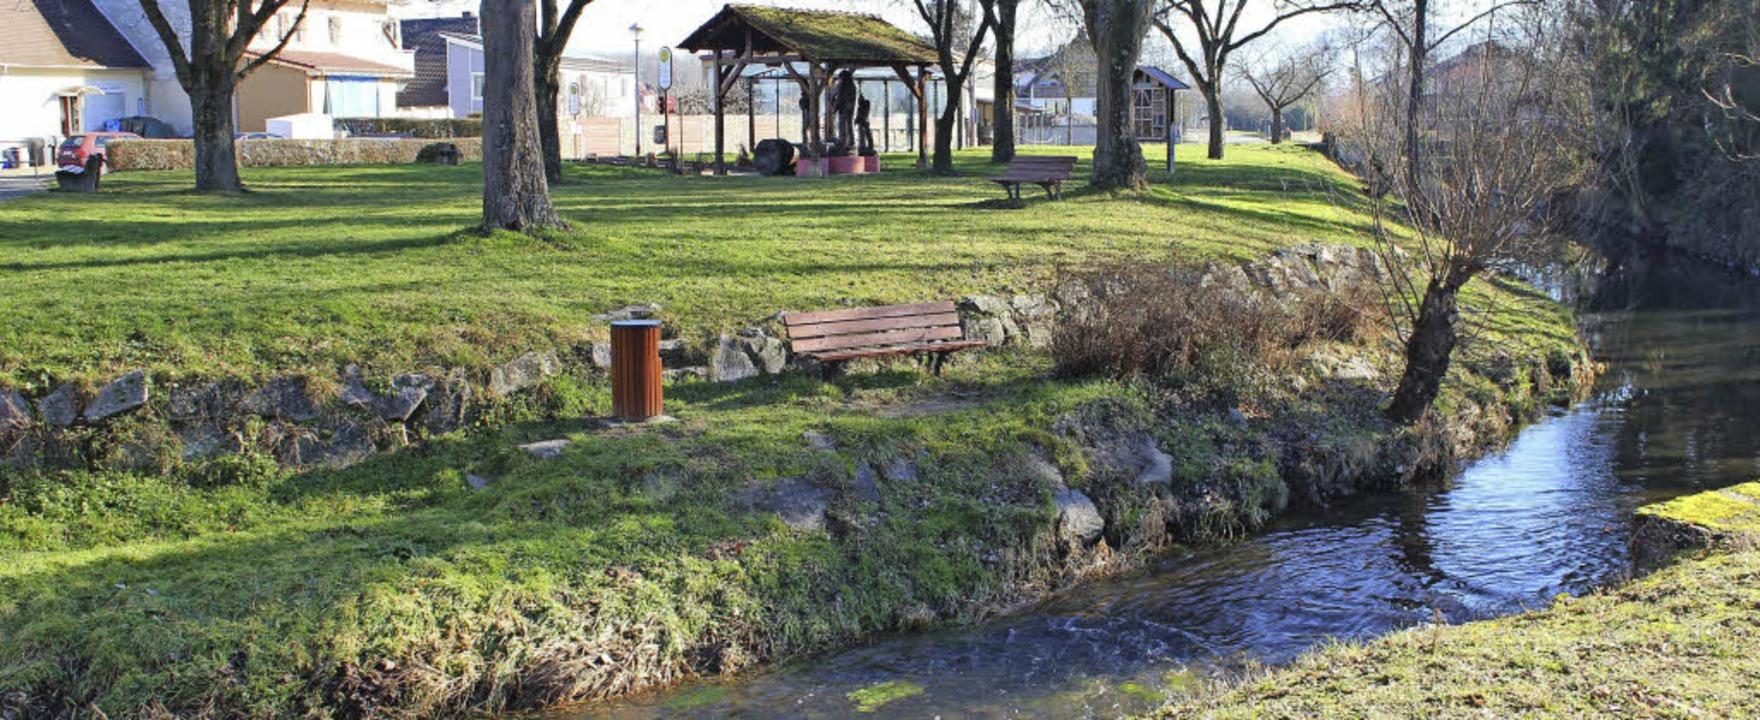 Der Platz zwischen Narrenbrunnen und d...ms noch einladender gestaltet werden.   | Foto: Mario Schöneberg